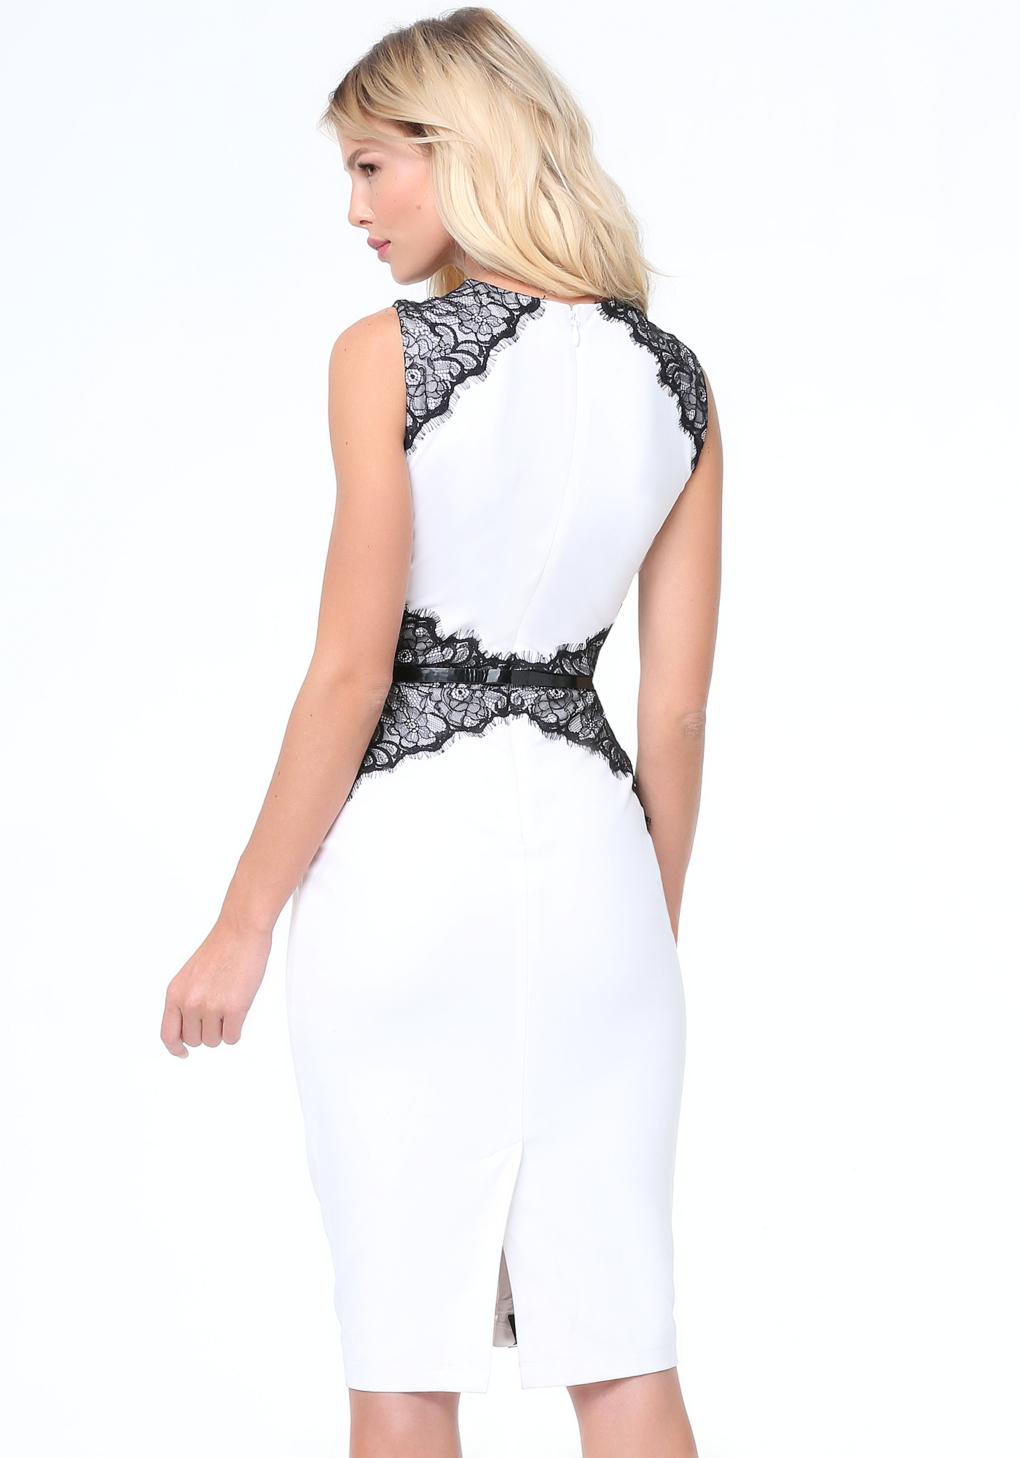 lace lingerie dress - photo #27